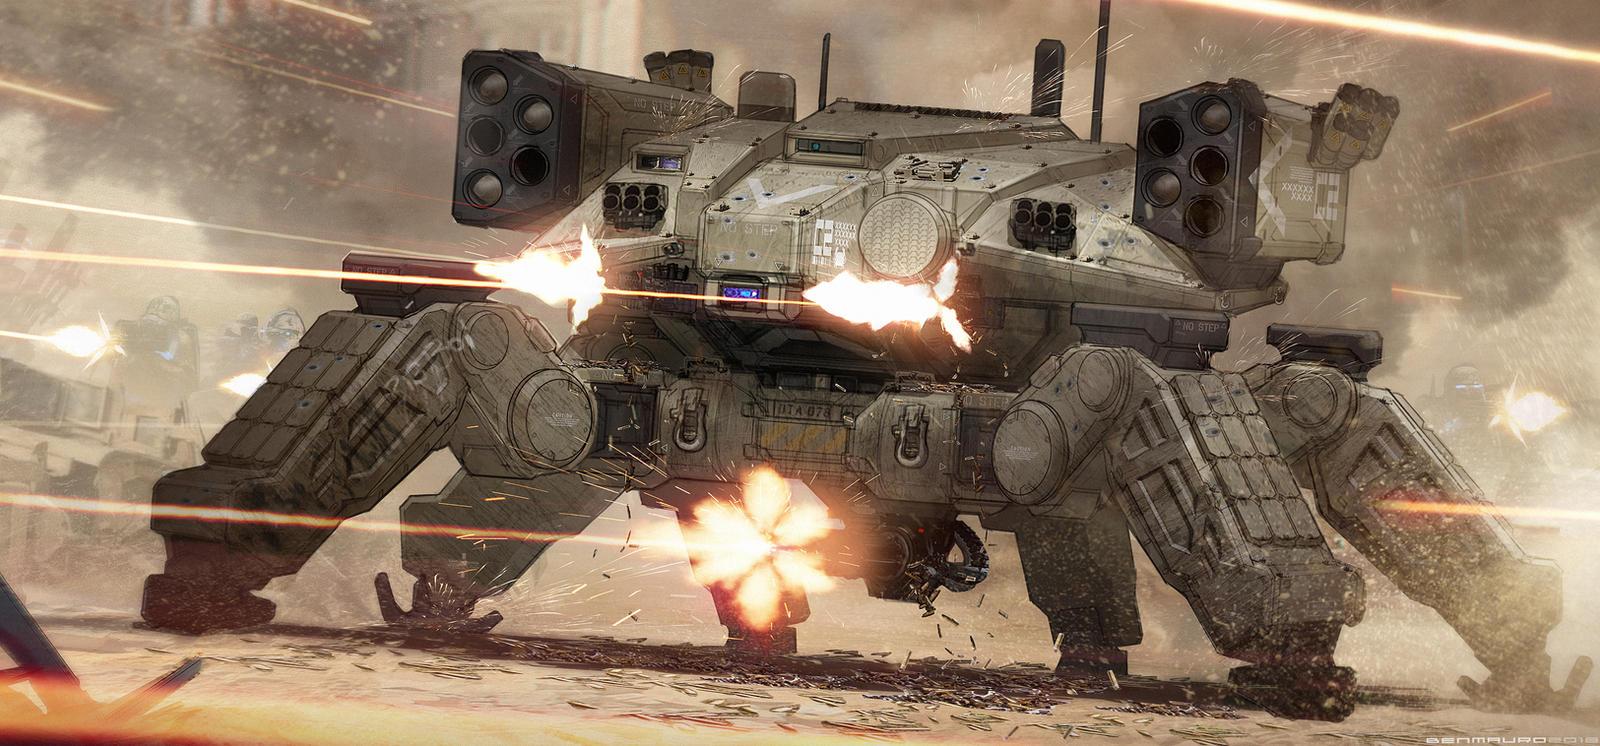 Crab Tank (BRRRRRRRRTT!)